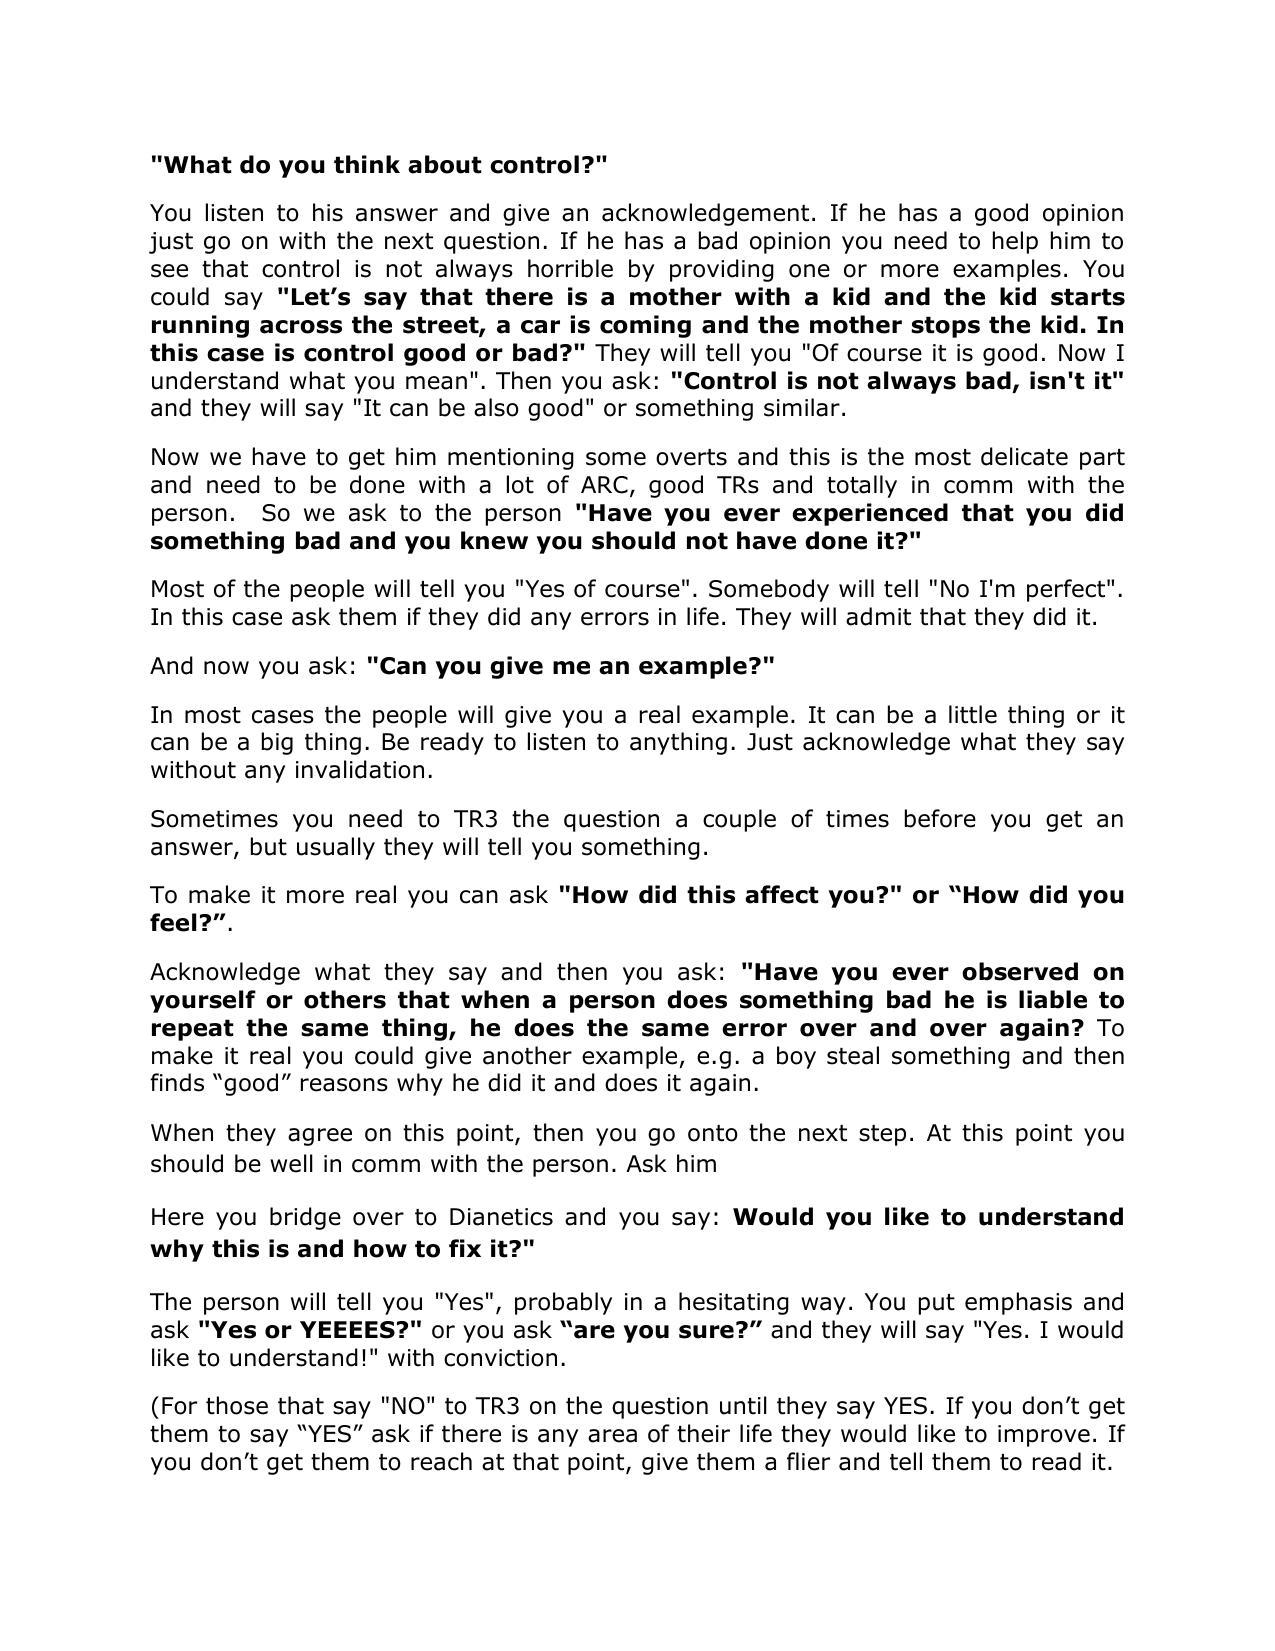 sell informal essay